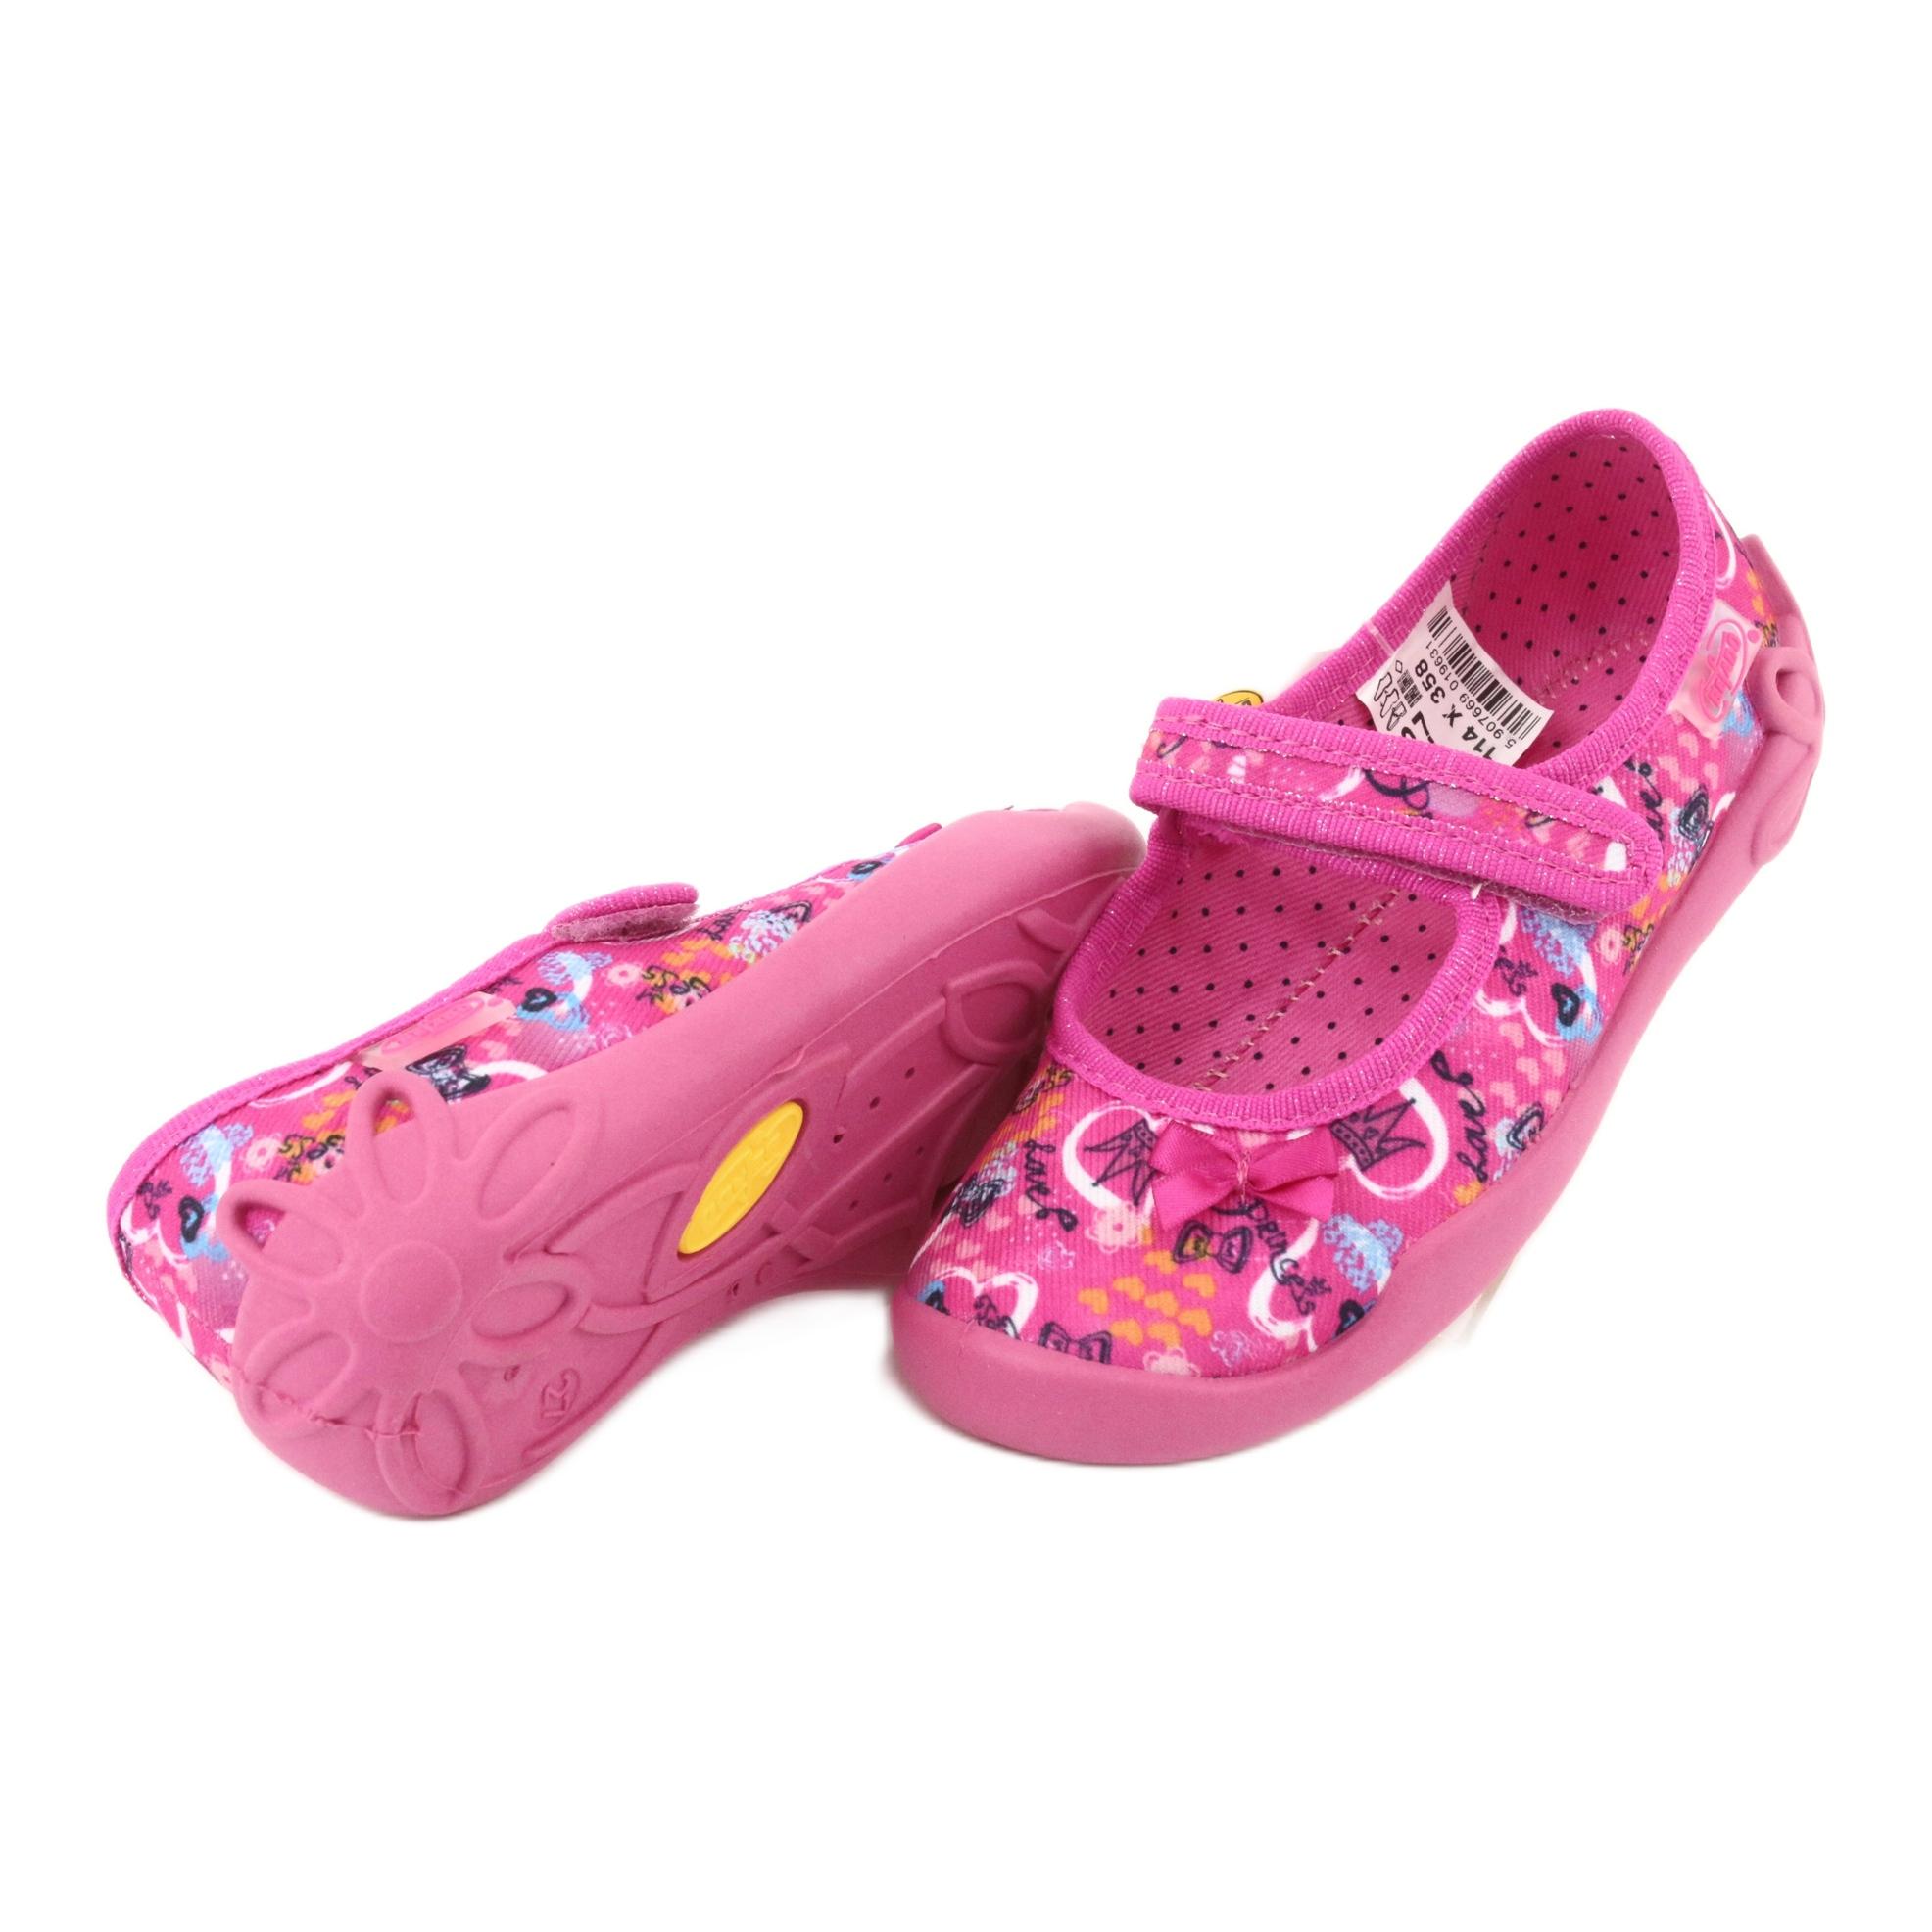 miniatura 5 - Scarpe per bambini Befado 114X358 rosa multicolore